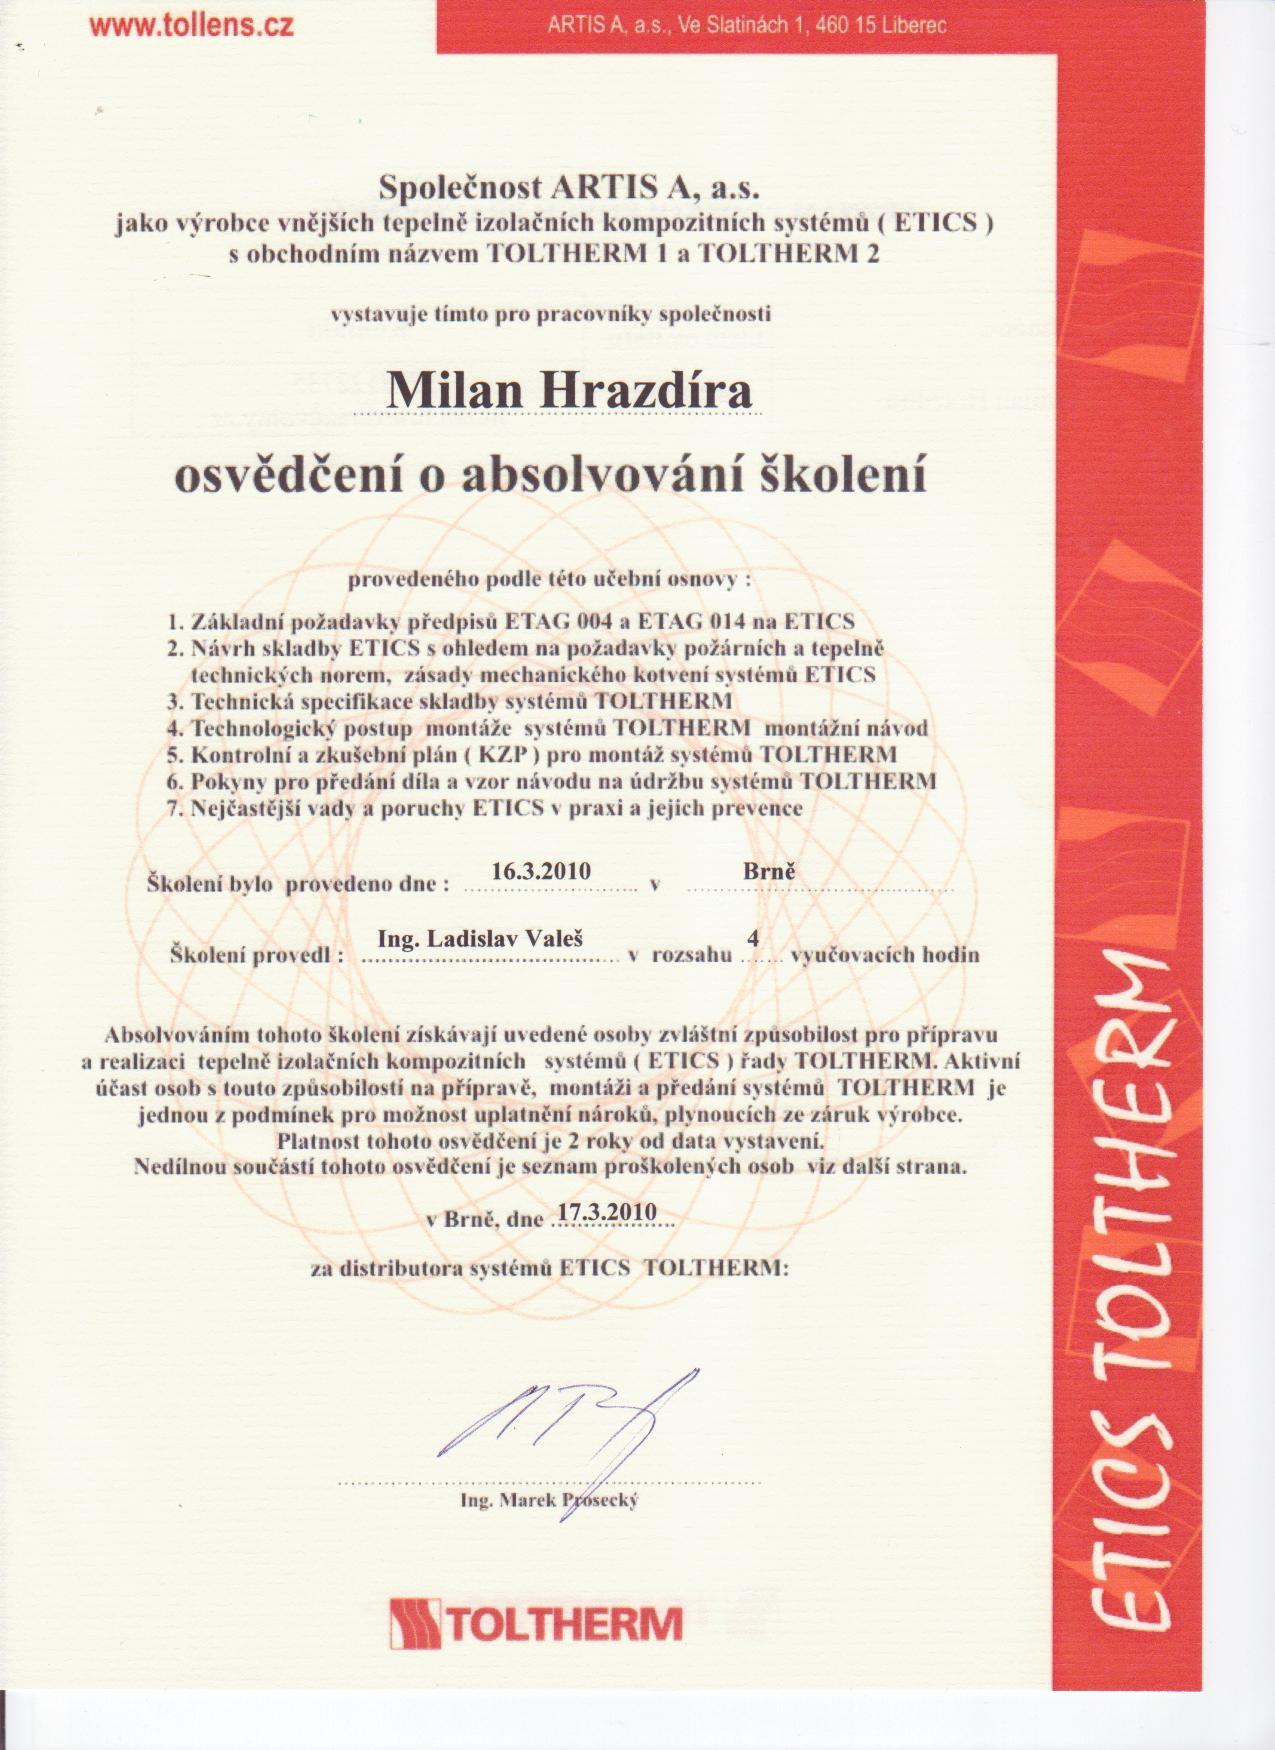 Certifikát Toltherm